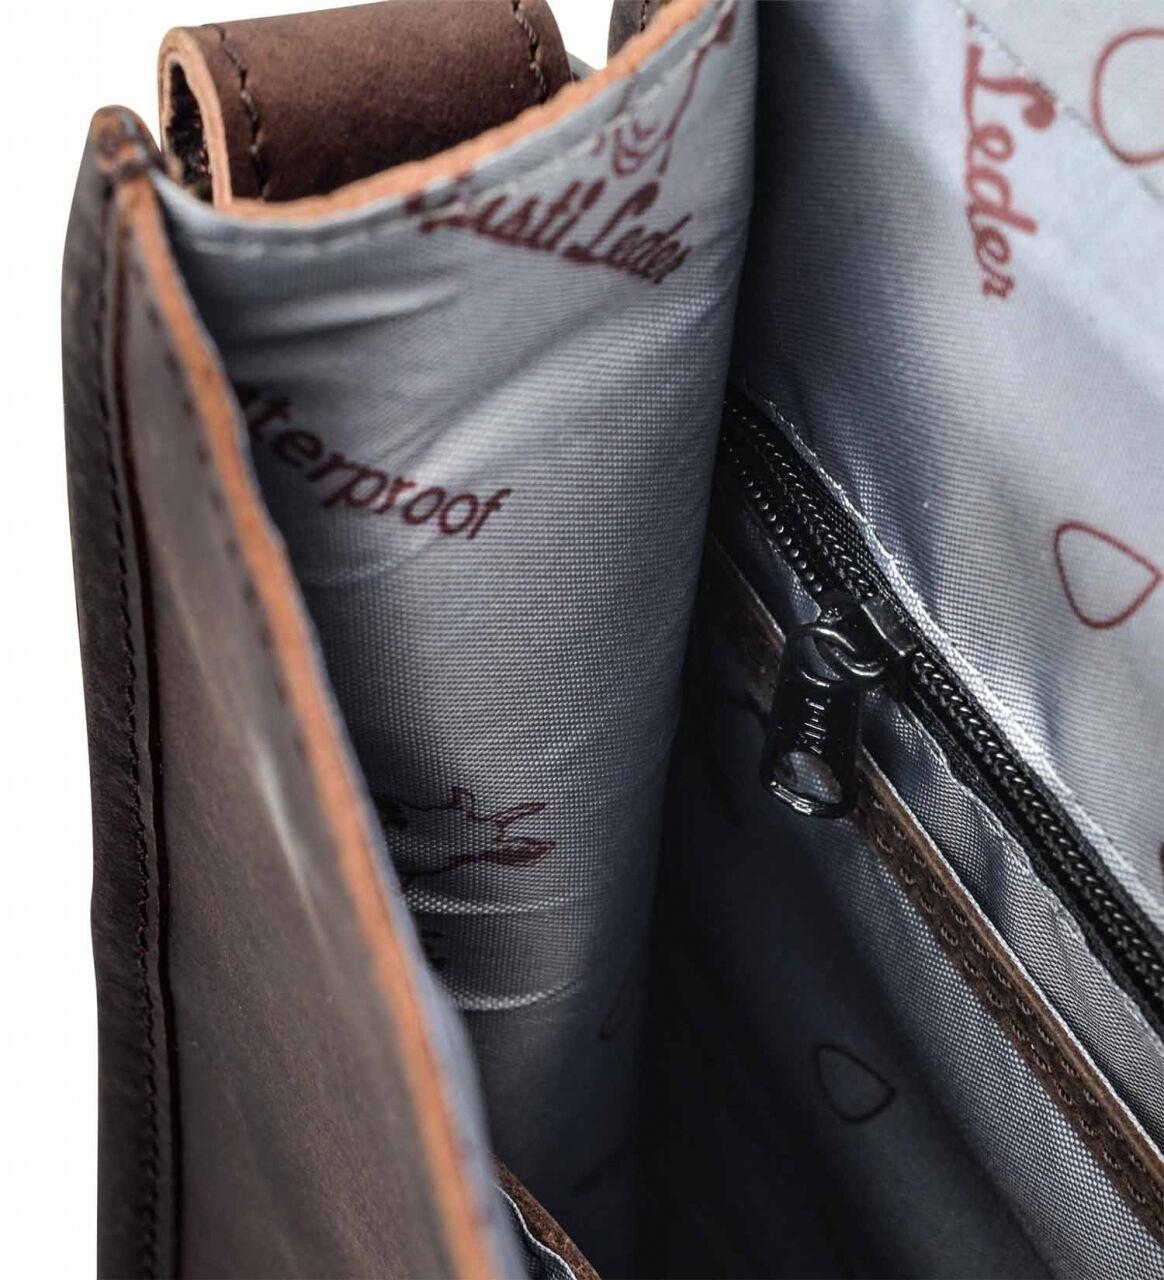 Outlet Umhängetasche - kleinere Lederfehler - Altes Logo - ansonsten neu - siehe Video